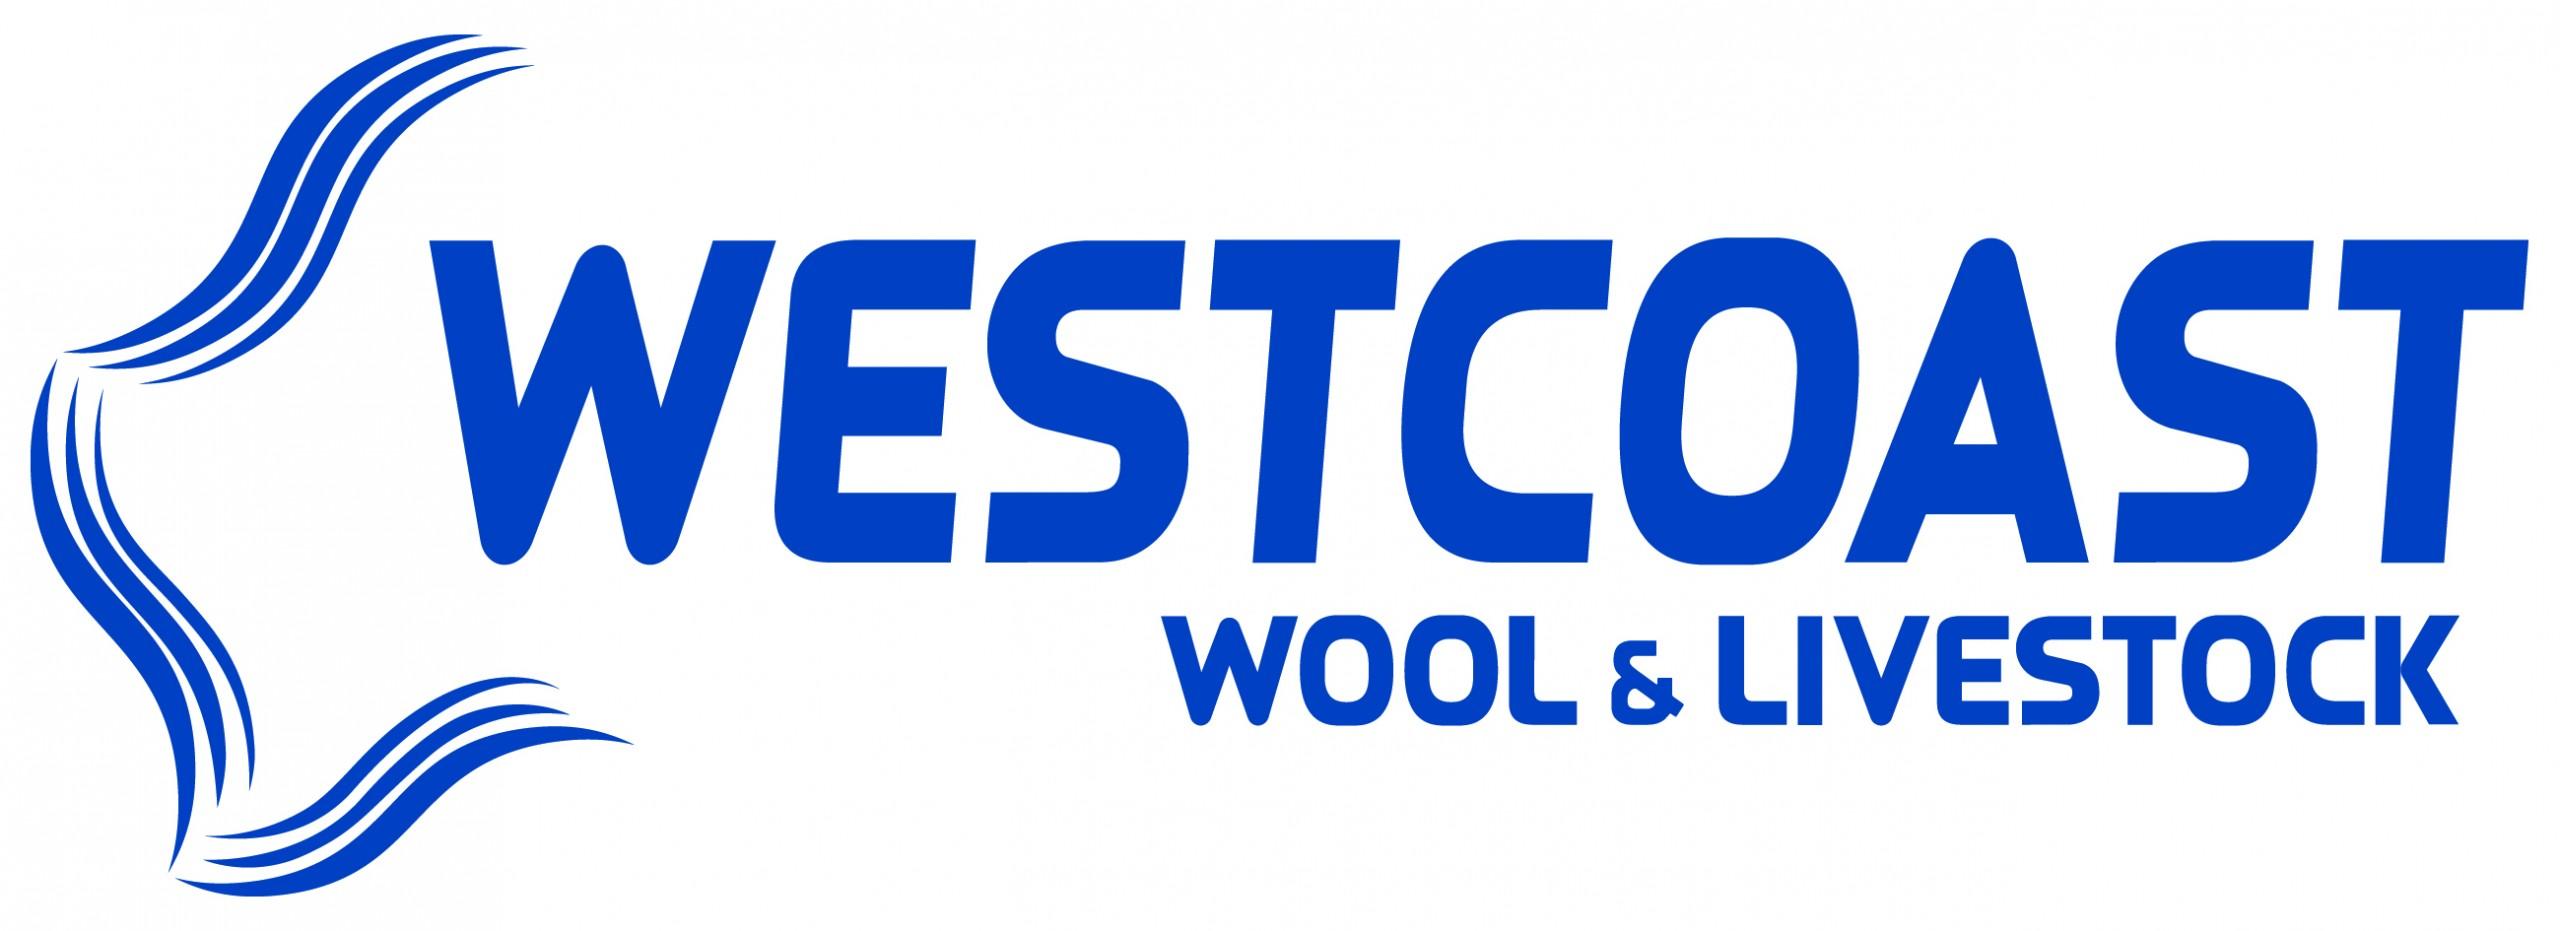 Westcoast Wool & Livestock Back To The Wheatbelt Sheep Sale